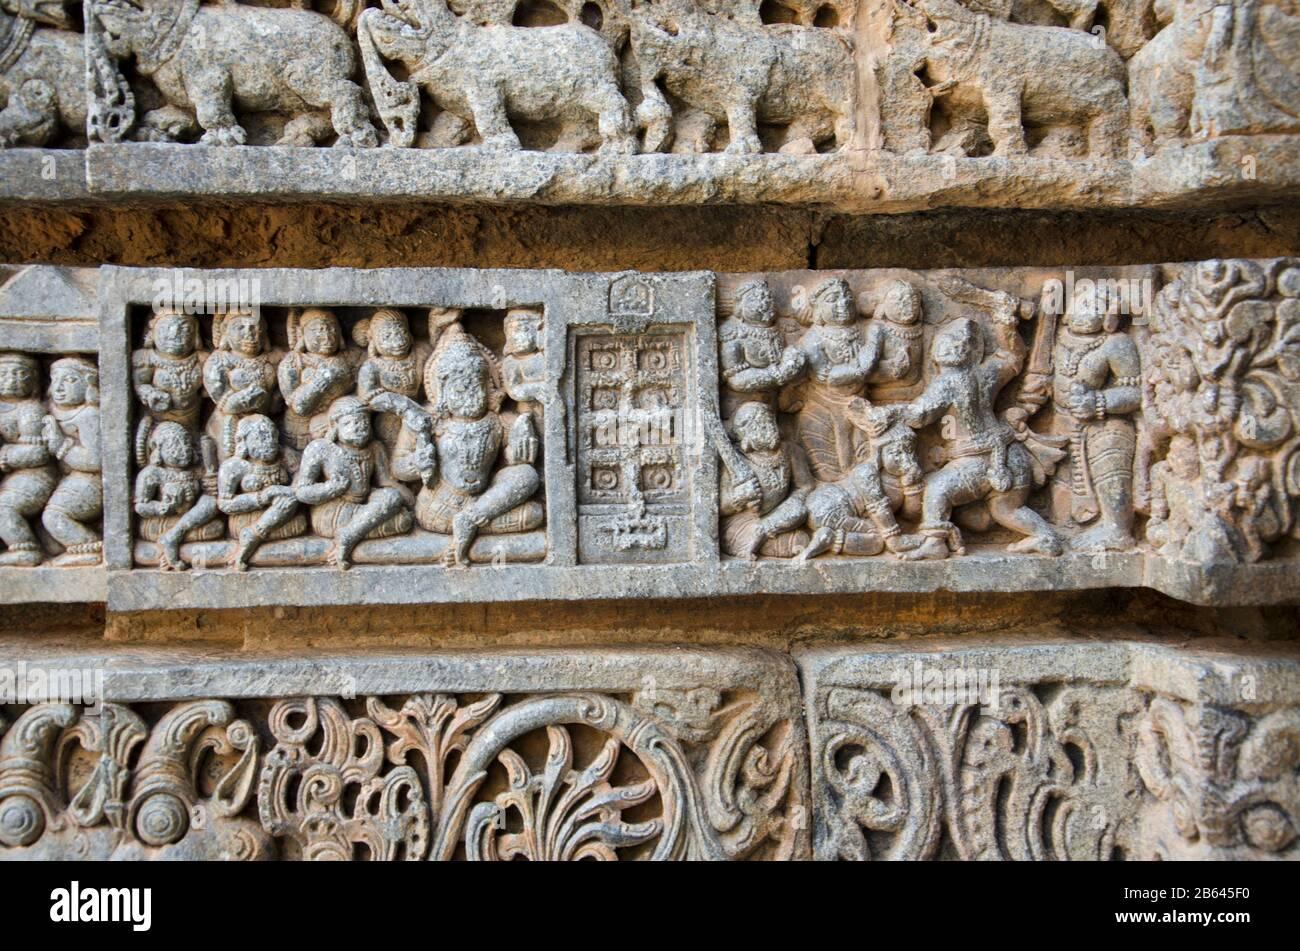 Ídolos tallados en el Templo de Chennakesava, es un templo hindú Vaishnava, Somanathapura, Karnataka, India Foto de stock